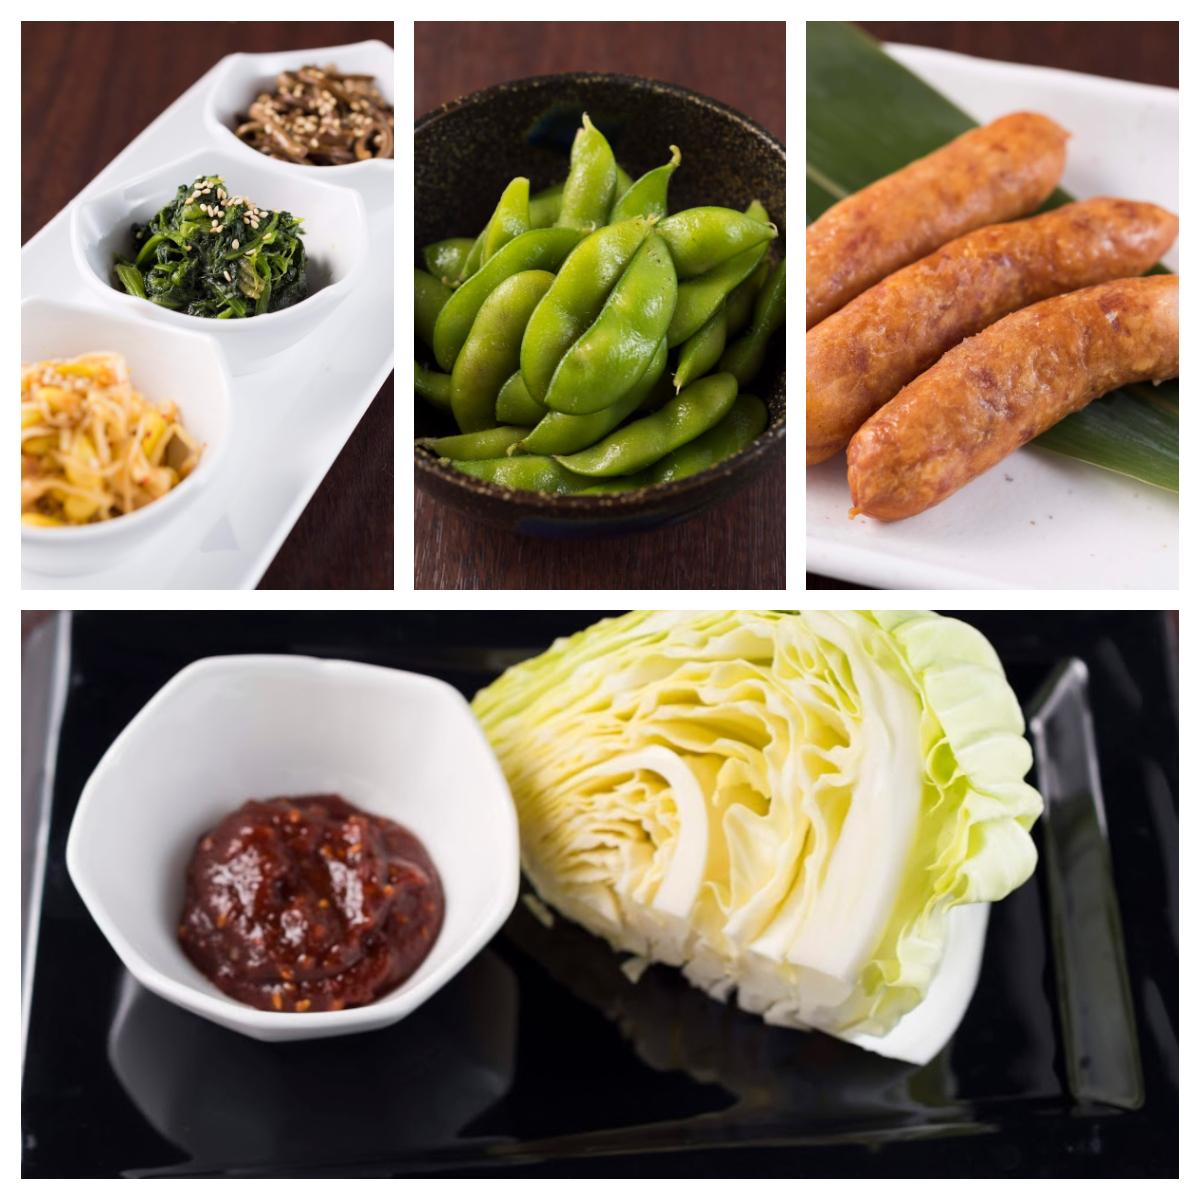 枝豆/ナムル3種/そのままキャベツ/ウインナー